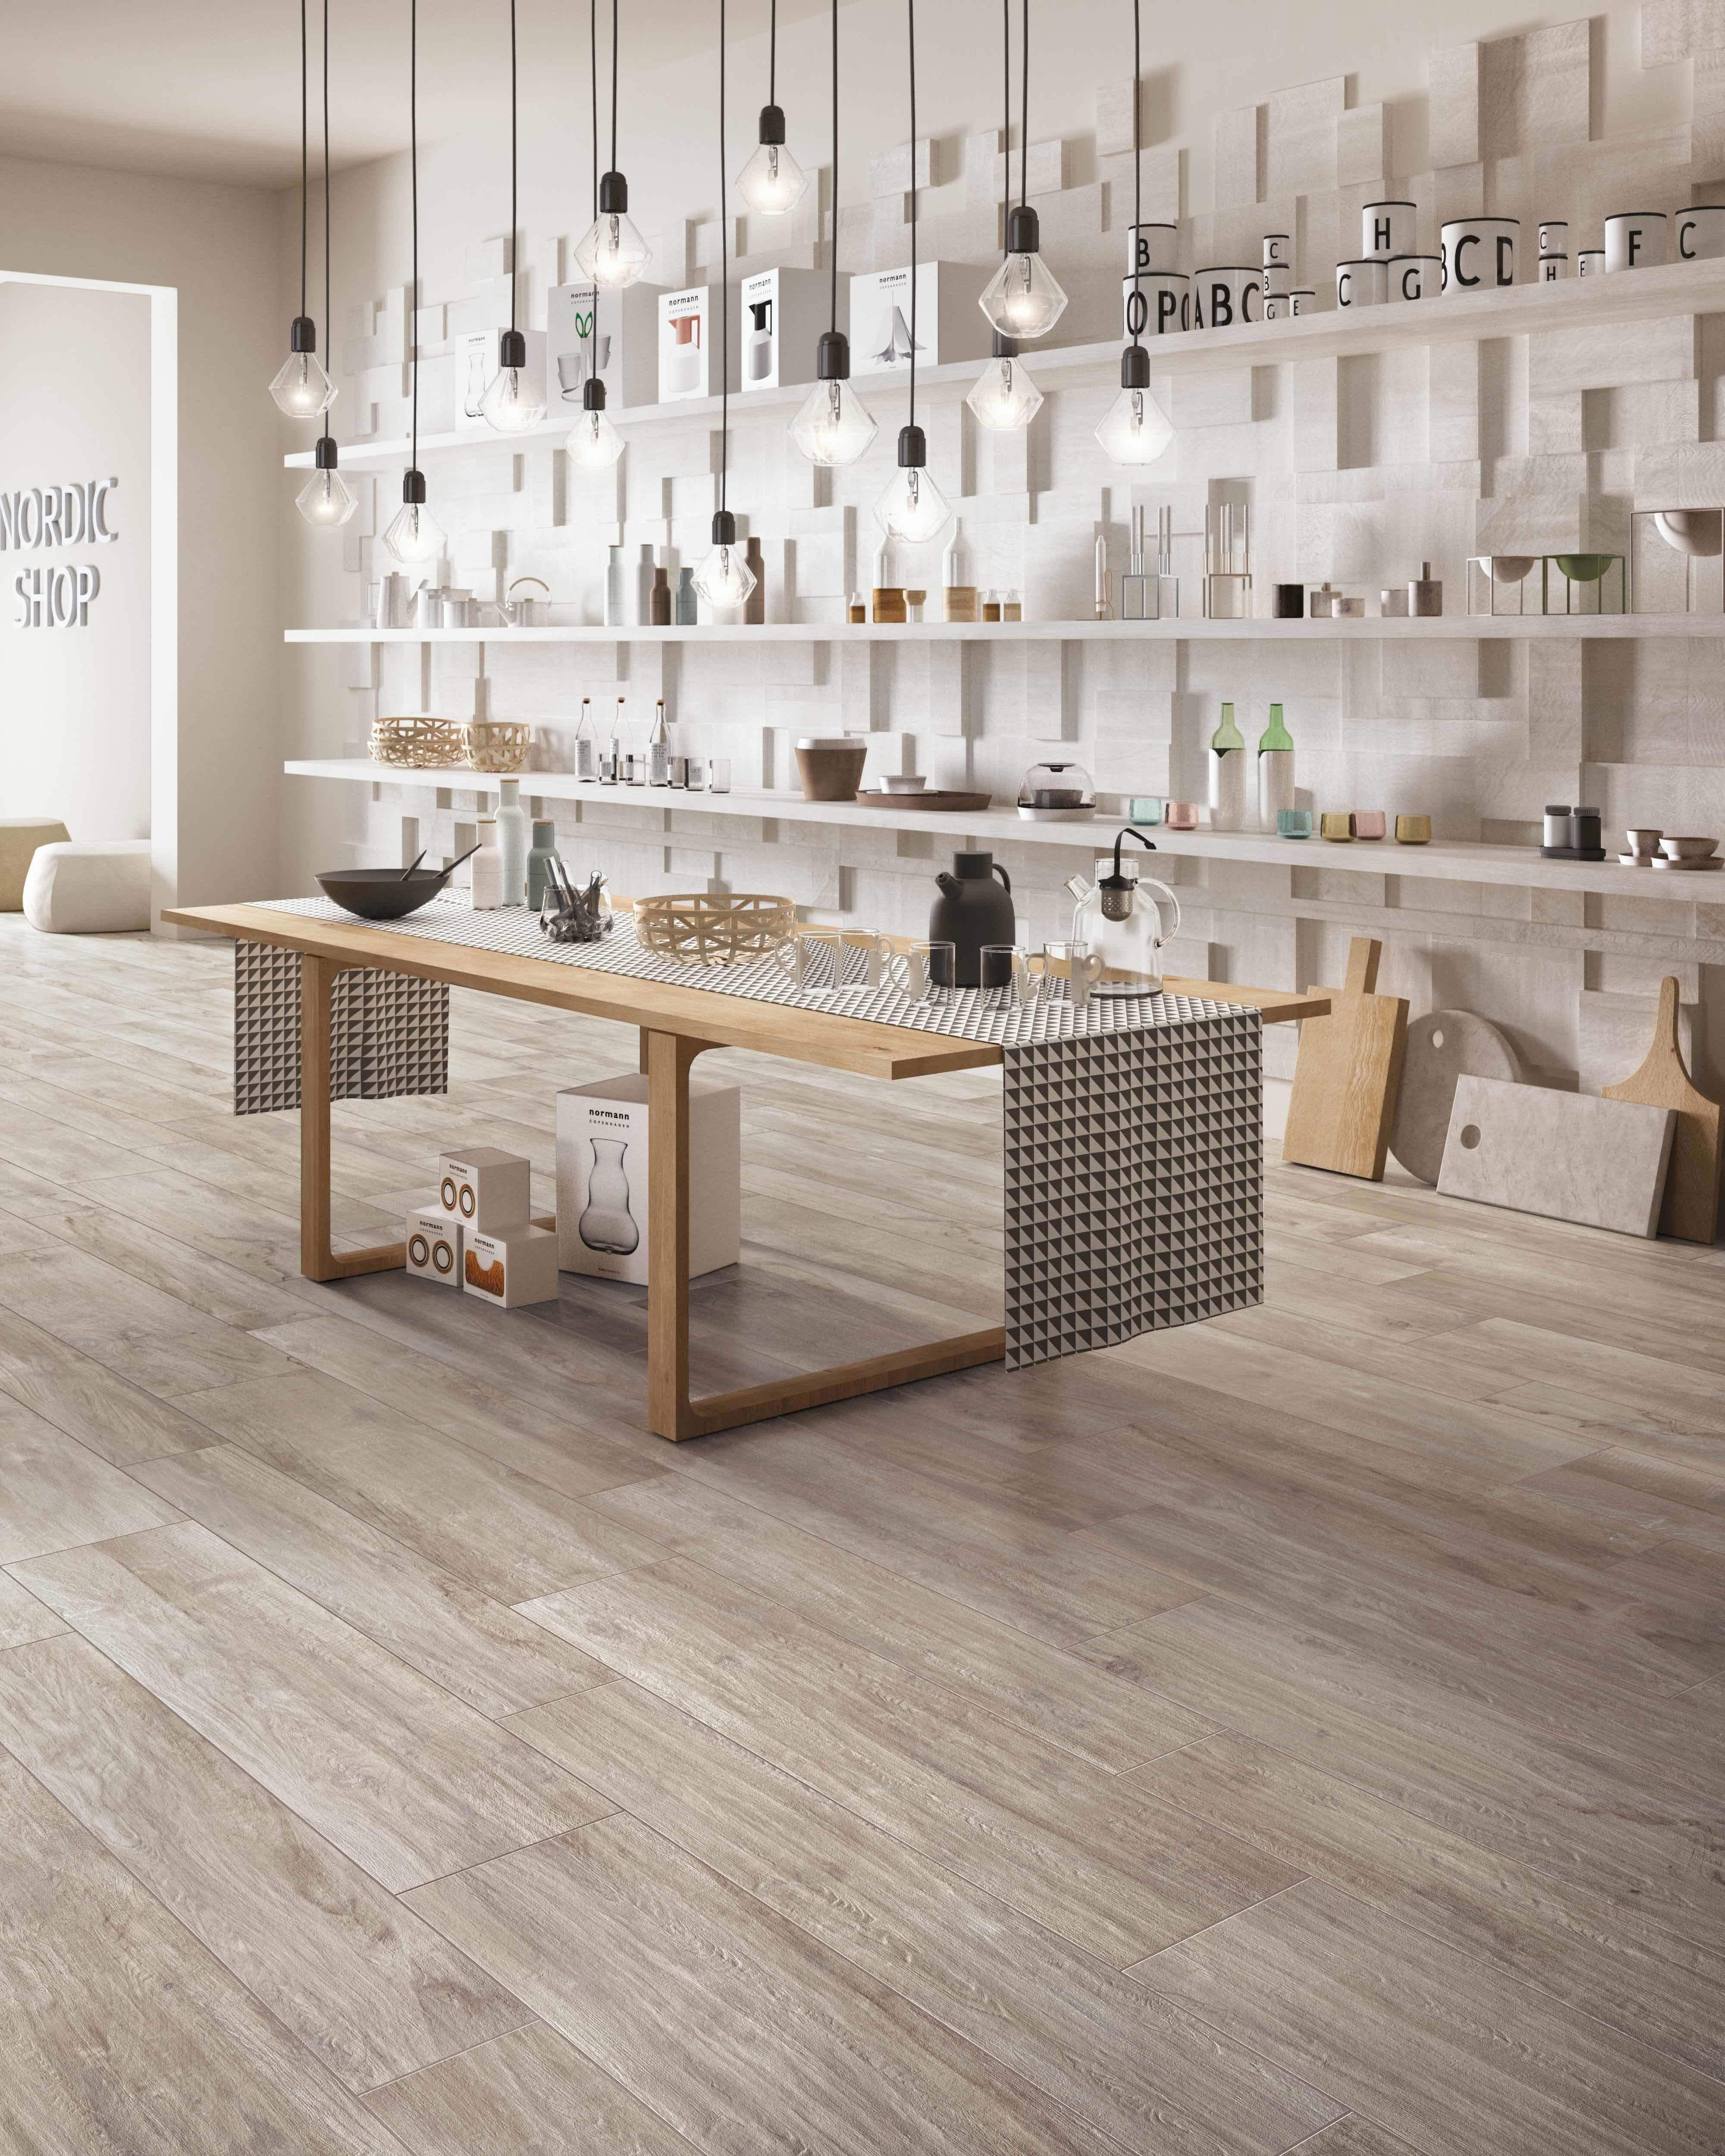 Torino Italian Porcelain Tile Fence Wood Timber Tiles